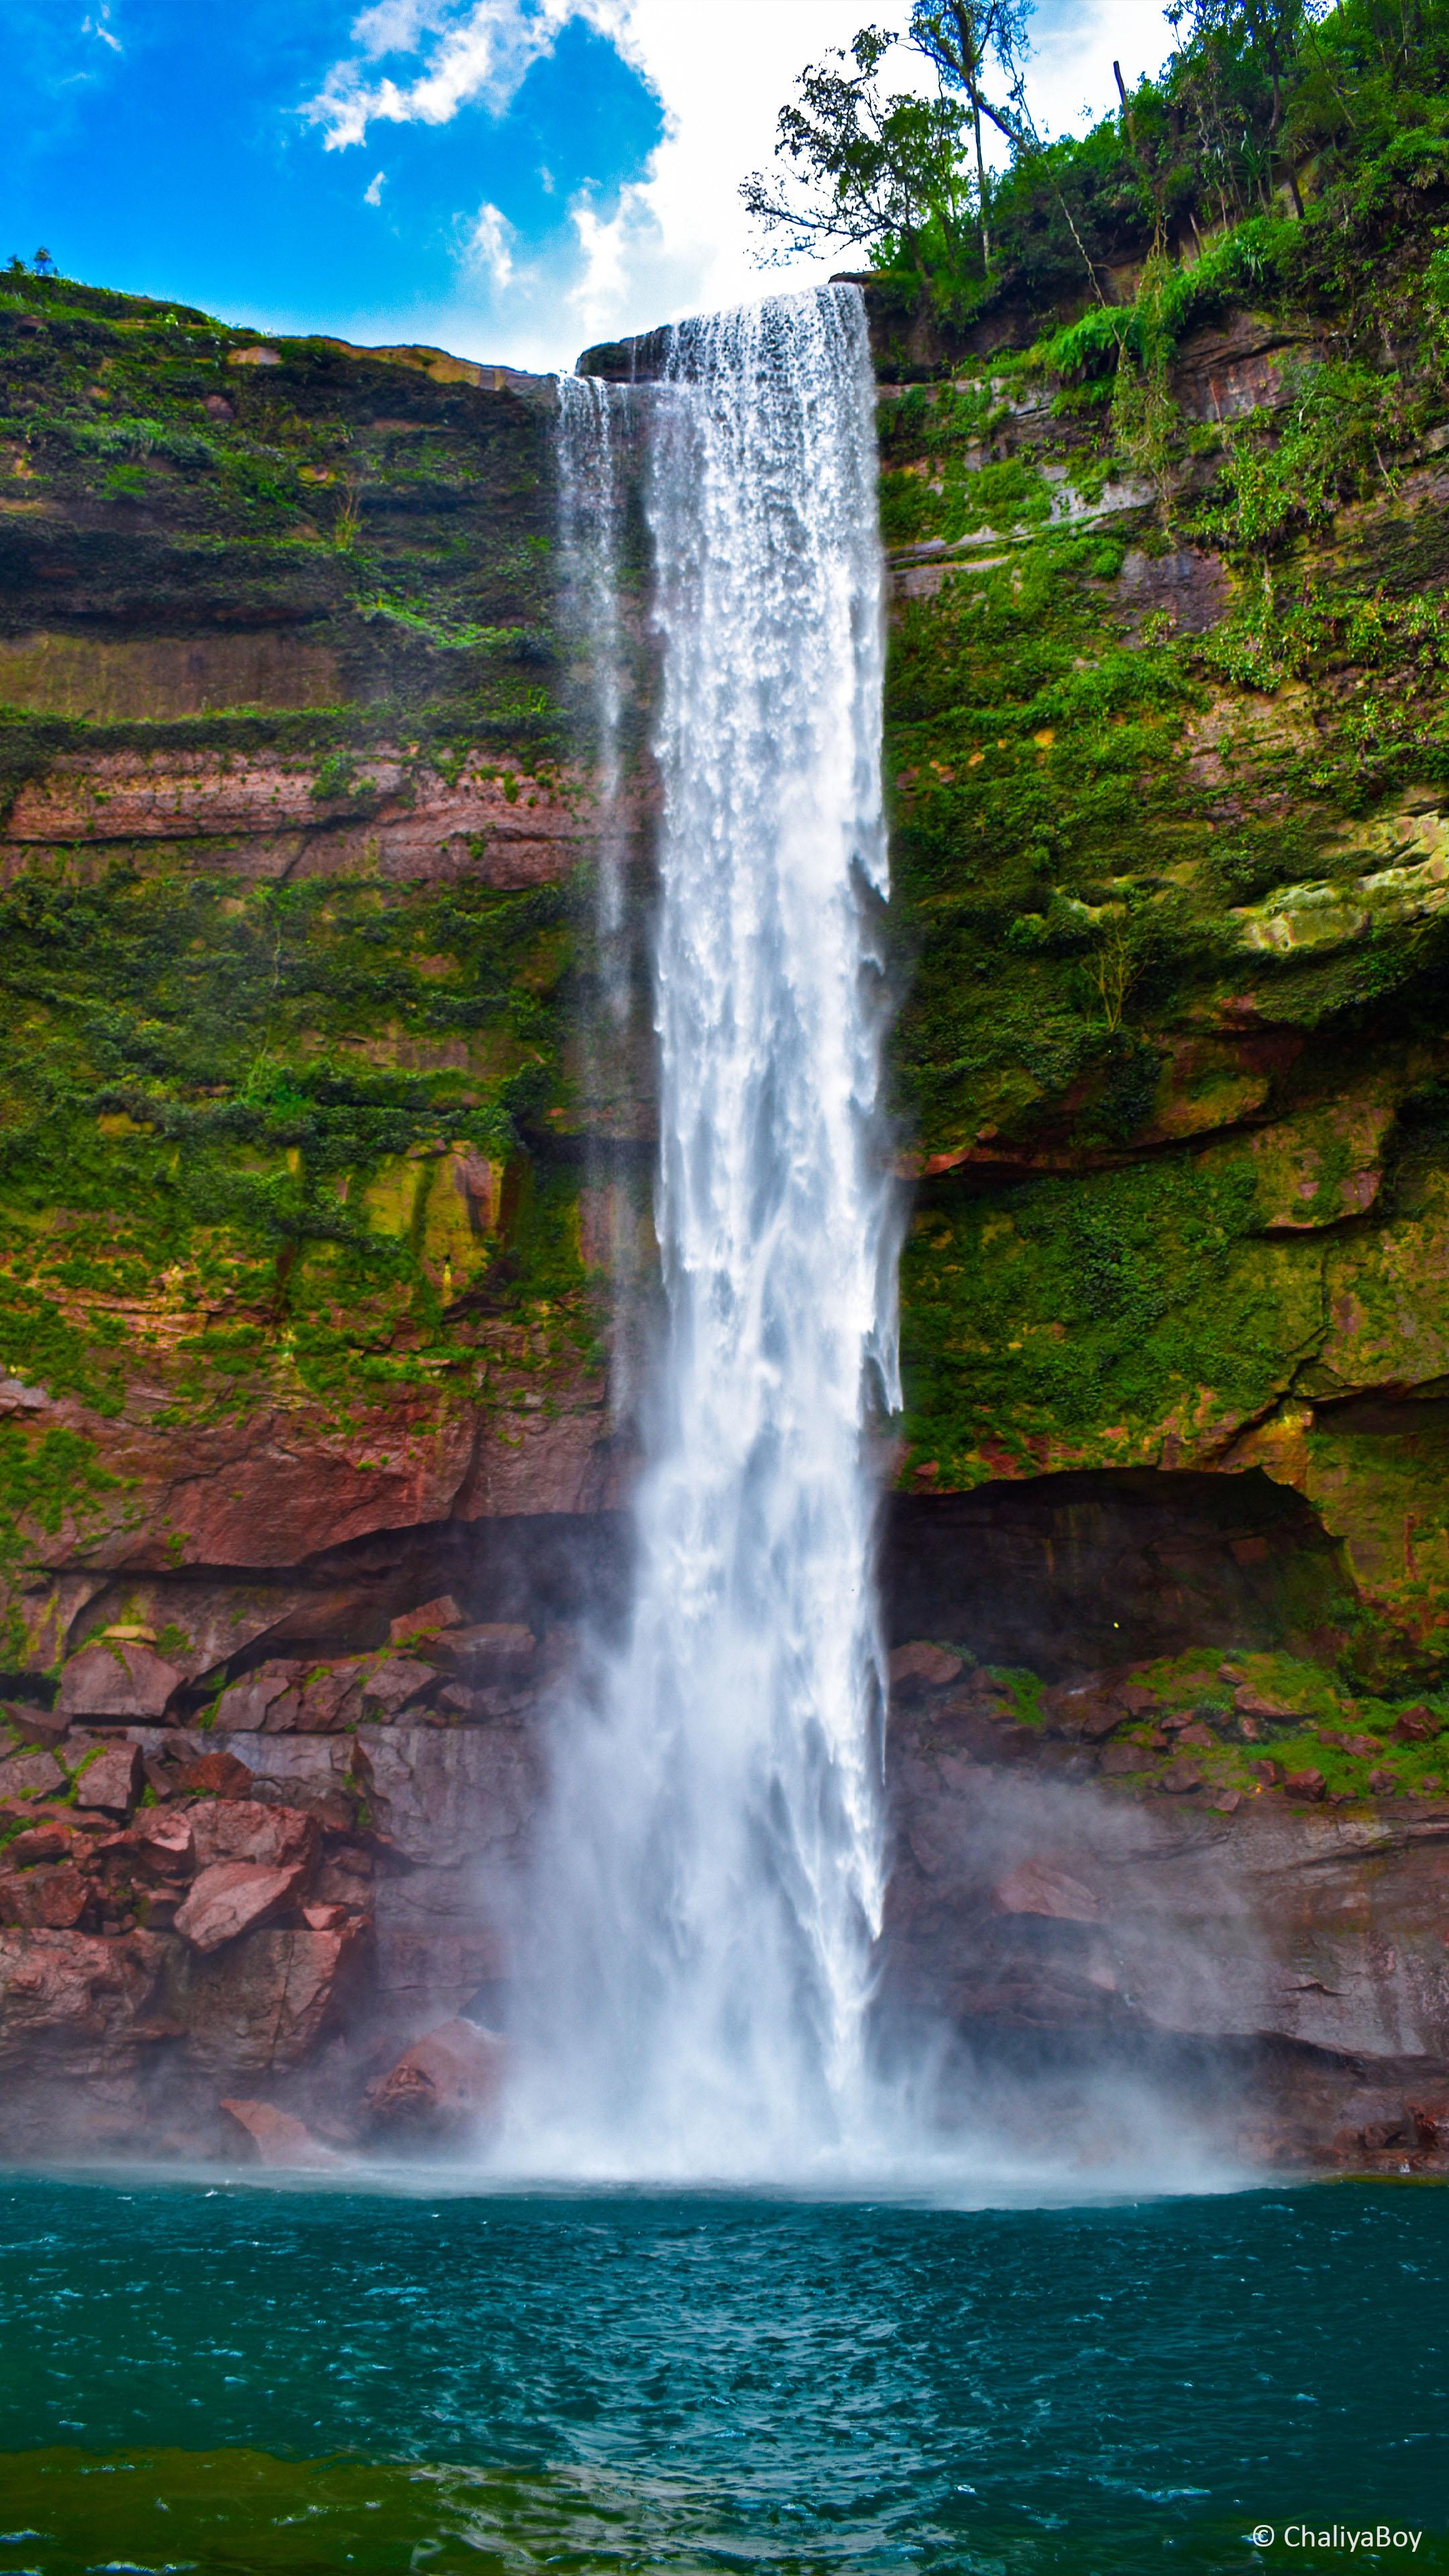 Waterfall Green Water Blue Sky 4k Ultra Hd Mobile Wallpaper